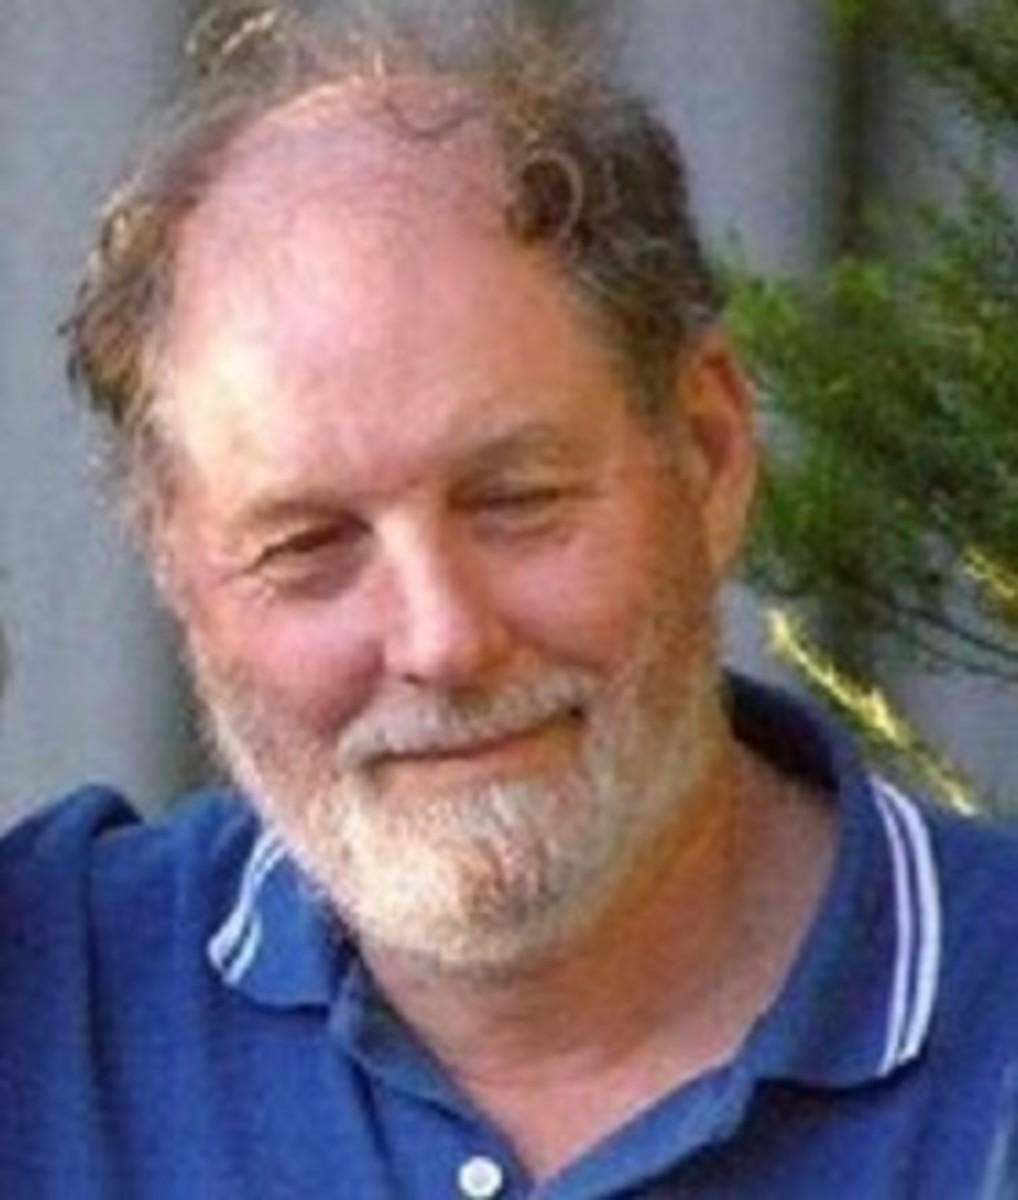 Author William Bond